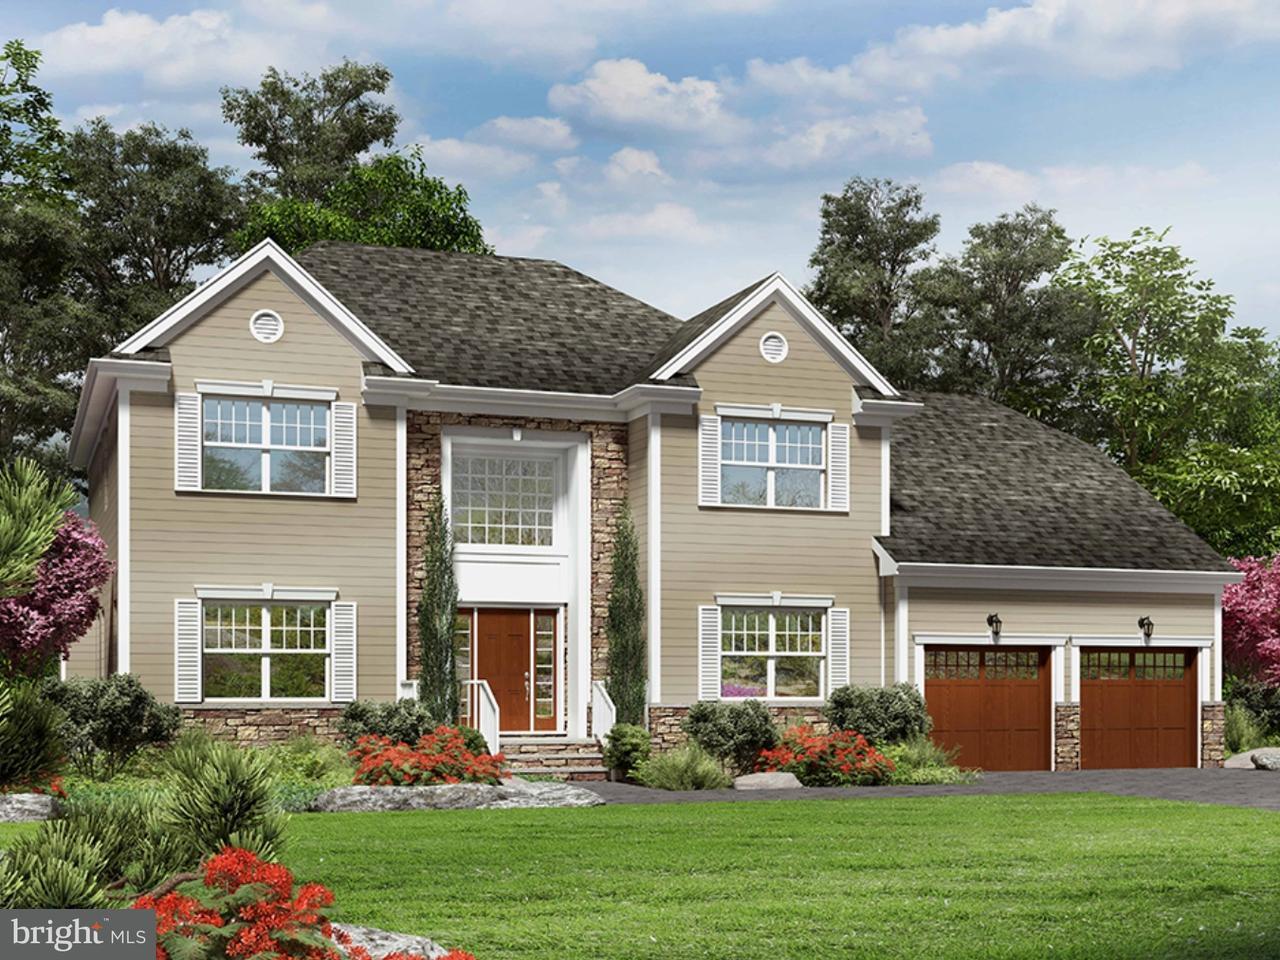 단독 가정 주택 용 매매 에 VAN AKEN Road Belle Mead, 뉴저지 07480 미국에서/약: Montgomery Township